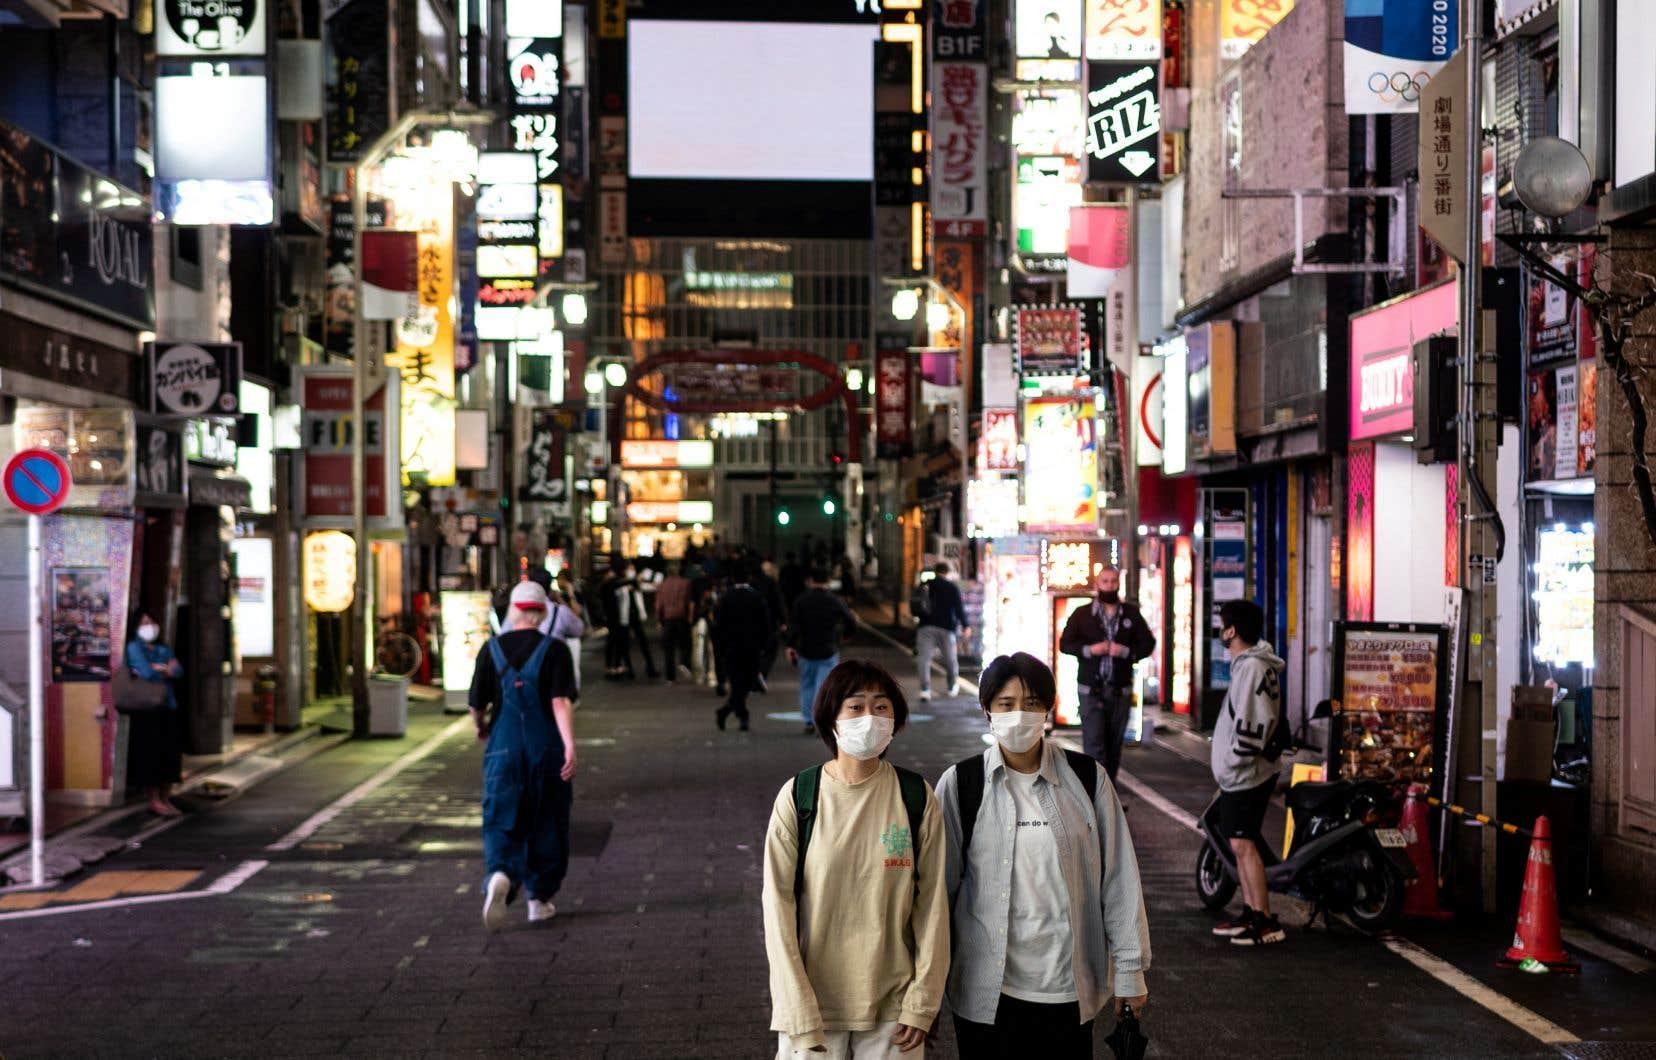 L'état d'urgence, qui avait déjà été prolongé courant mai, concerne actuellement 10 des 47 départements du Japon, dont ceux de Tokyo.